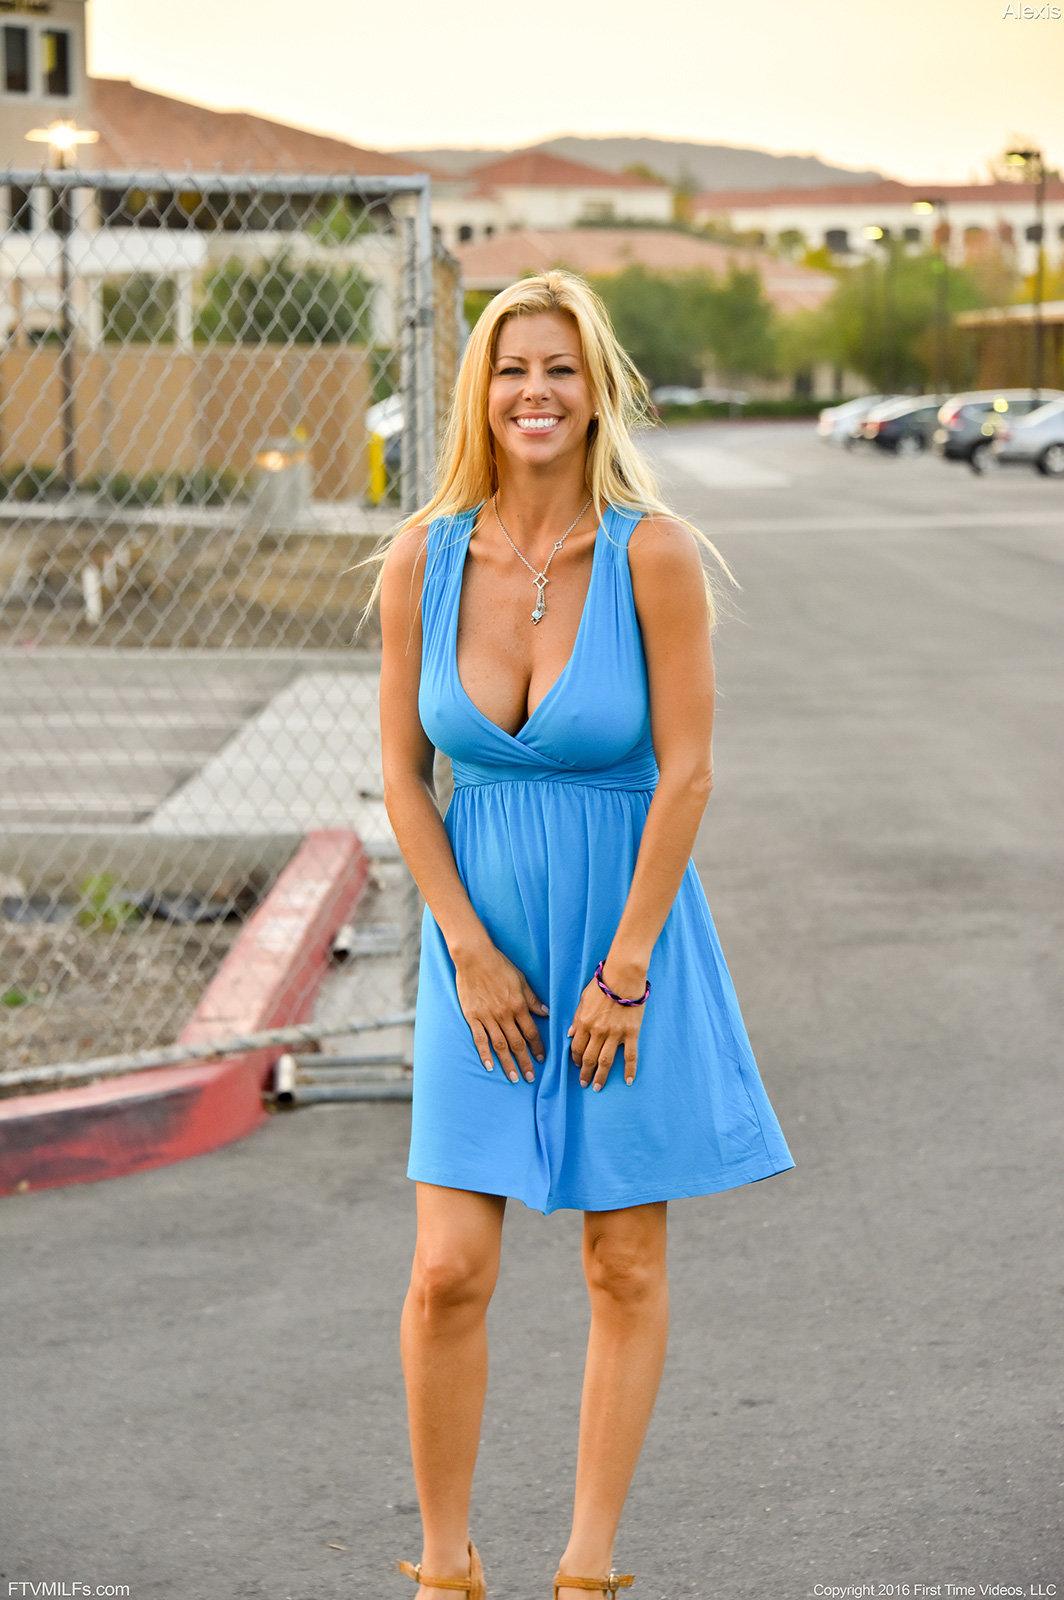 Зрелая актриса Alexis Fawx с голливудской улыбкой позирует на улице ...